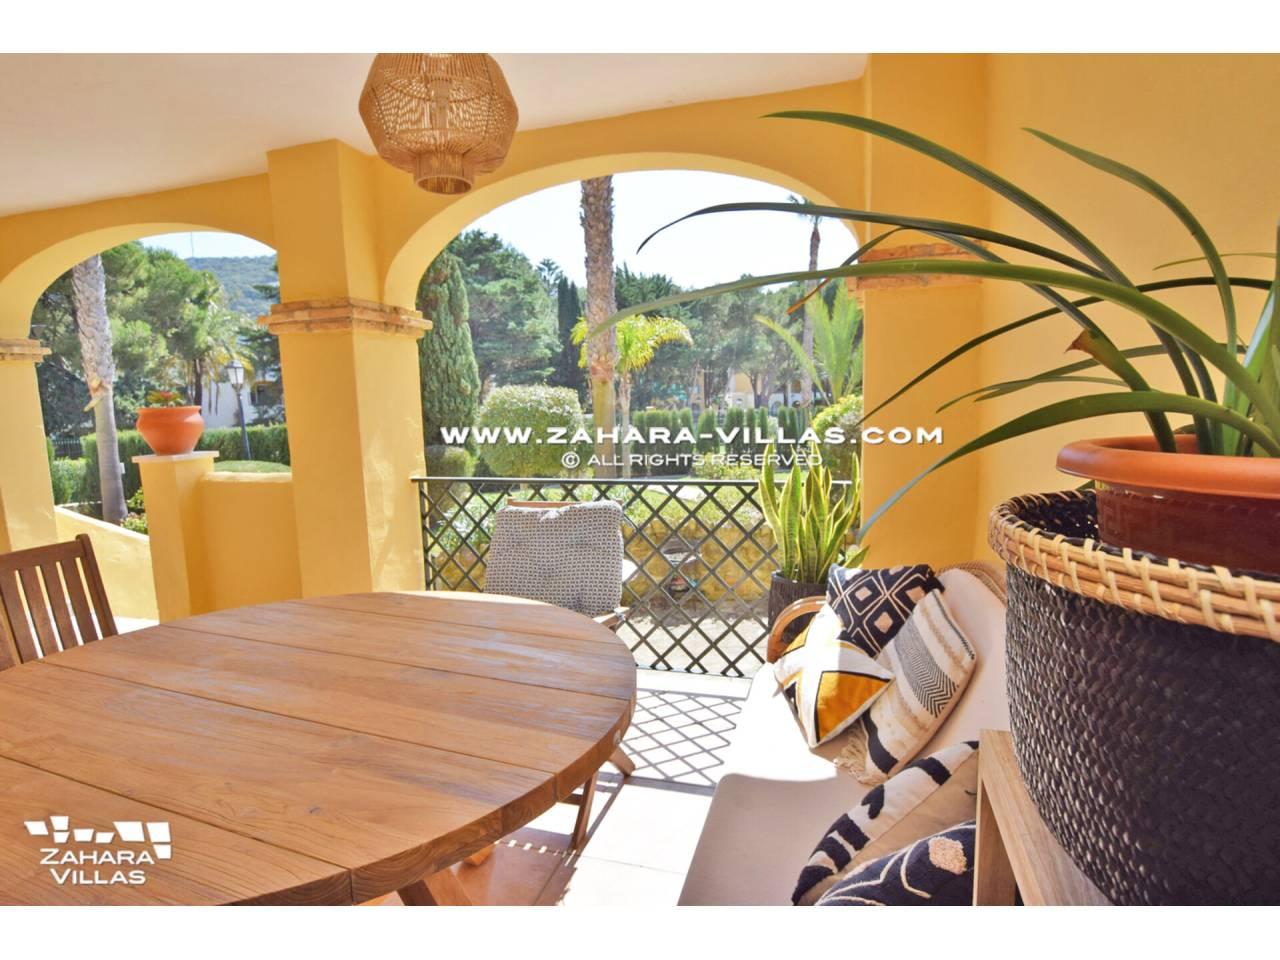 Imagen 2 de Casa Adosada con vistas al mar en venta en Urb. Jardines de Zahara